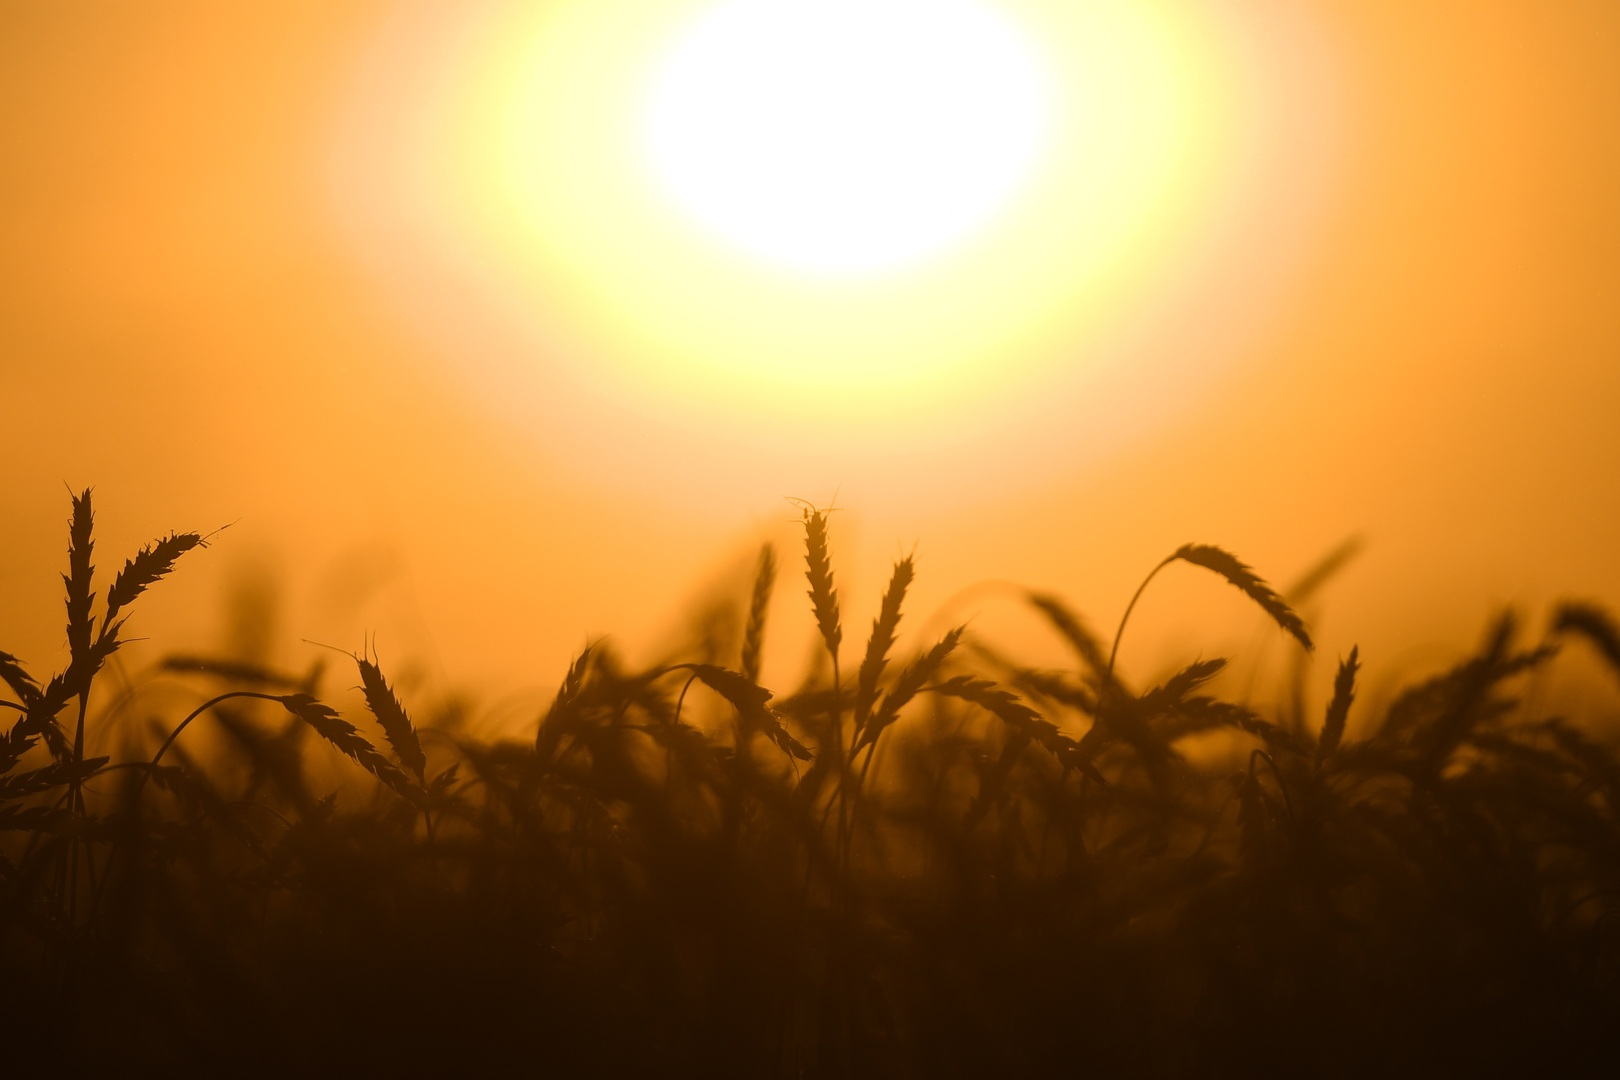 مصر تسعى لشراء كمية غير محددة من القمح